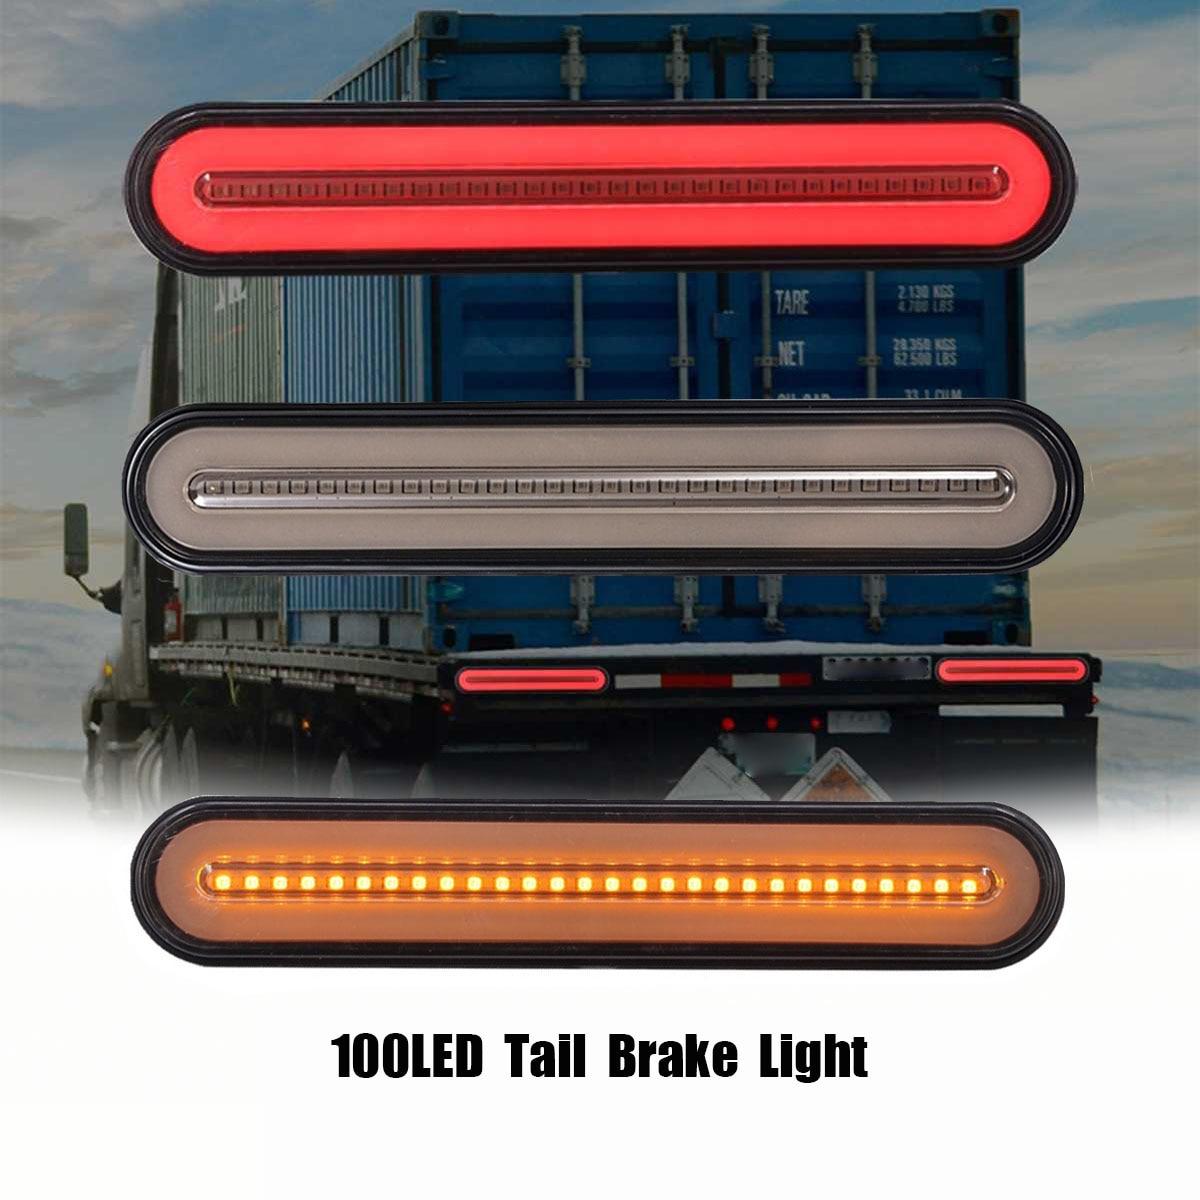 2x водонепроницаемый светодиодный тормозной светильник для прицепа грузовика 3 в 1 неоновый Галогеновый кольцевой задний стоп-стоп Поворотный Светильник последовательный сигнальный светильник